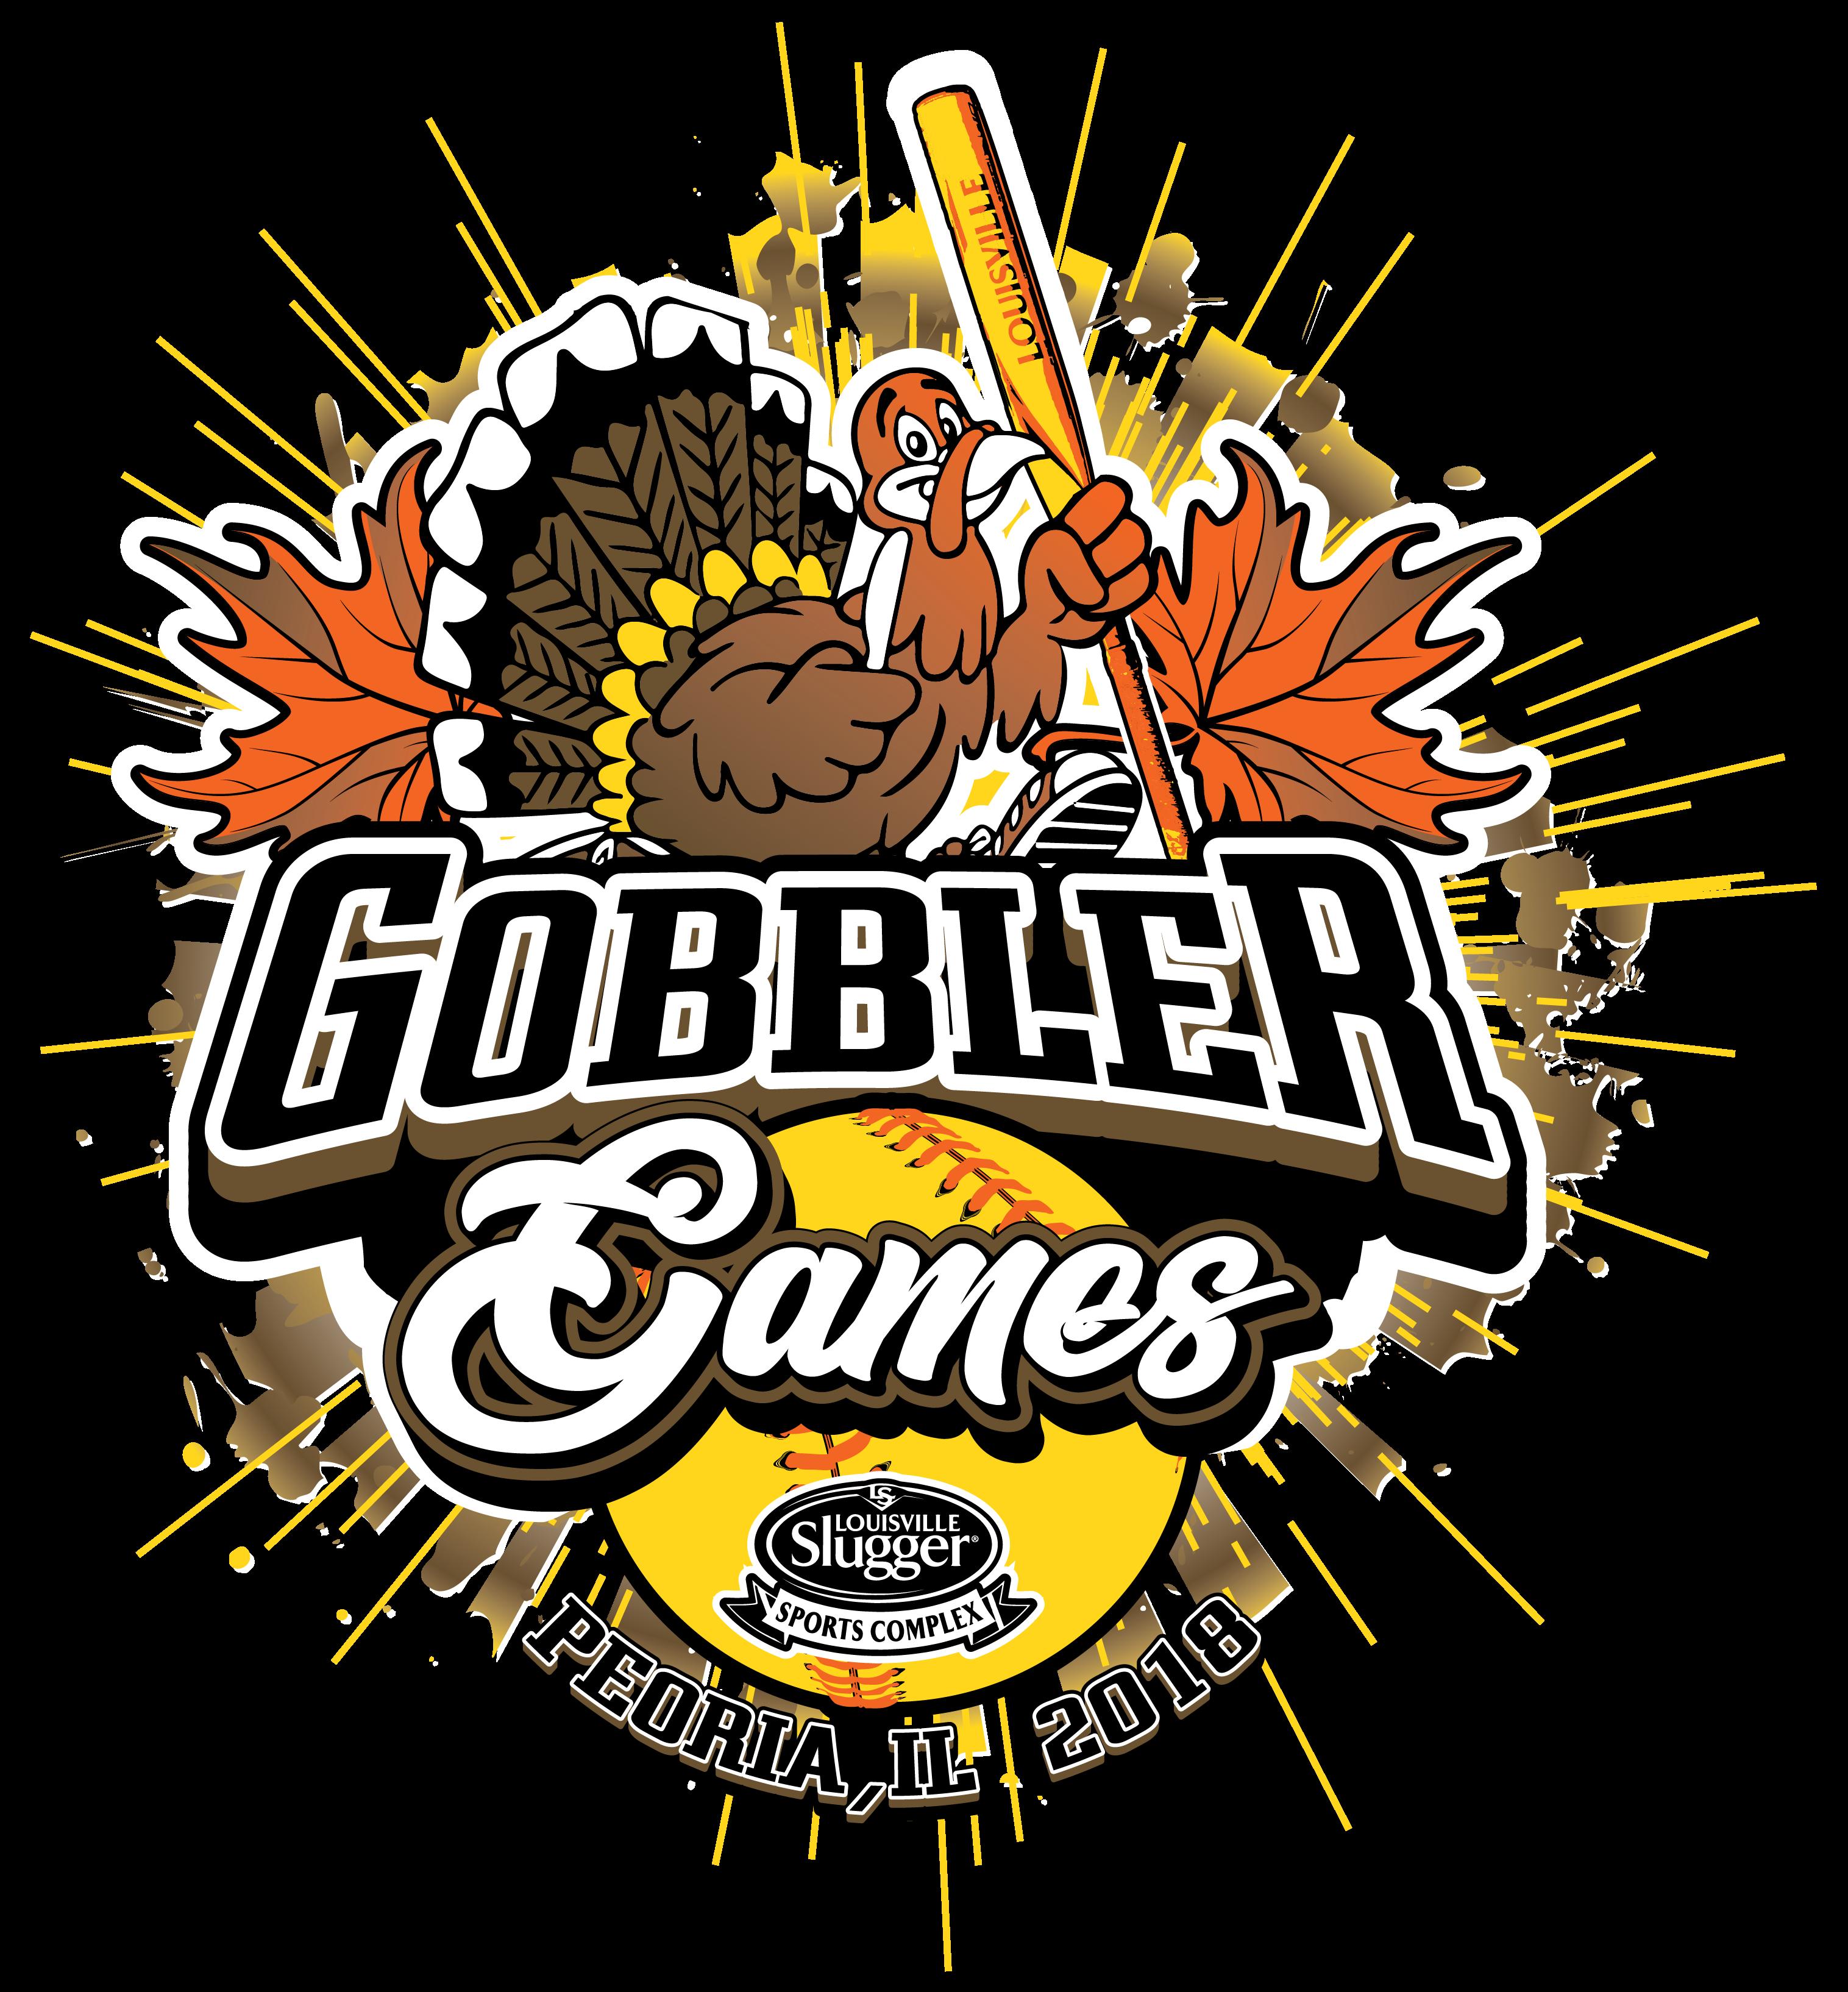 Gobbler Games